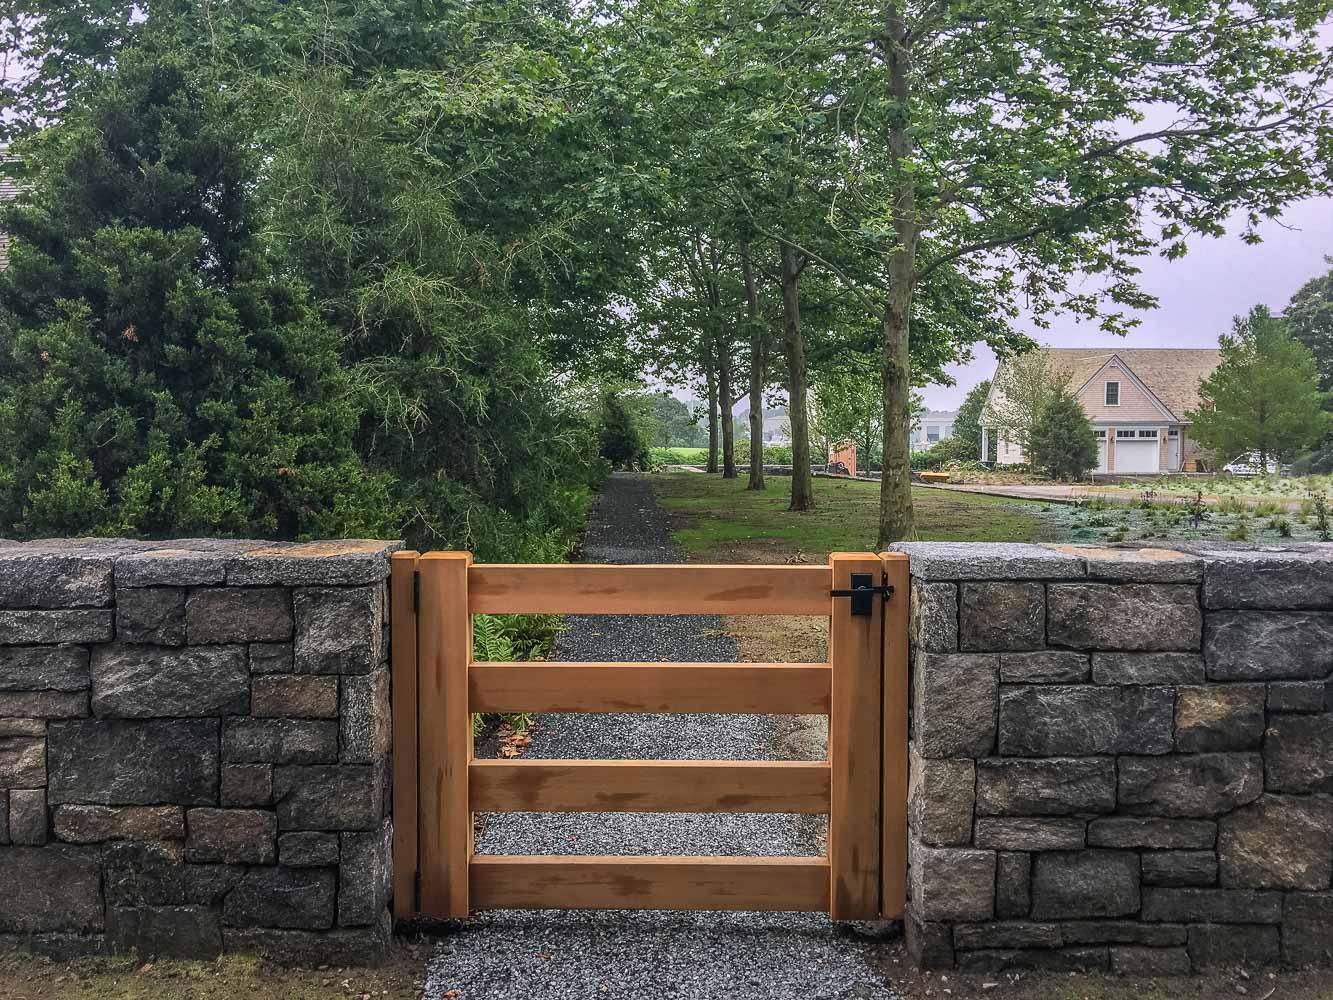 Granite Walls and Gate